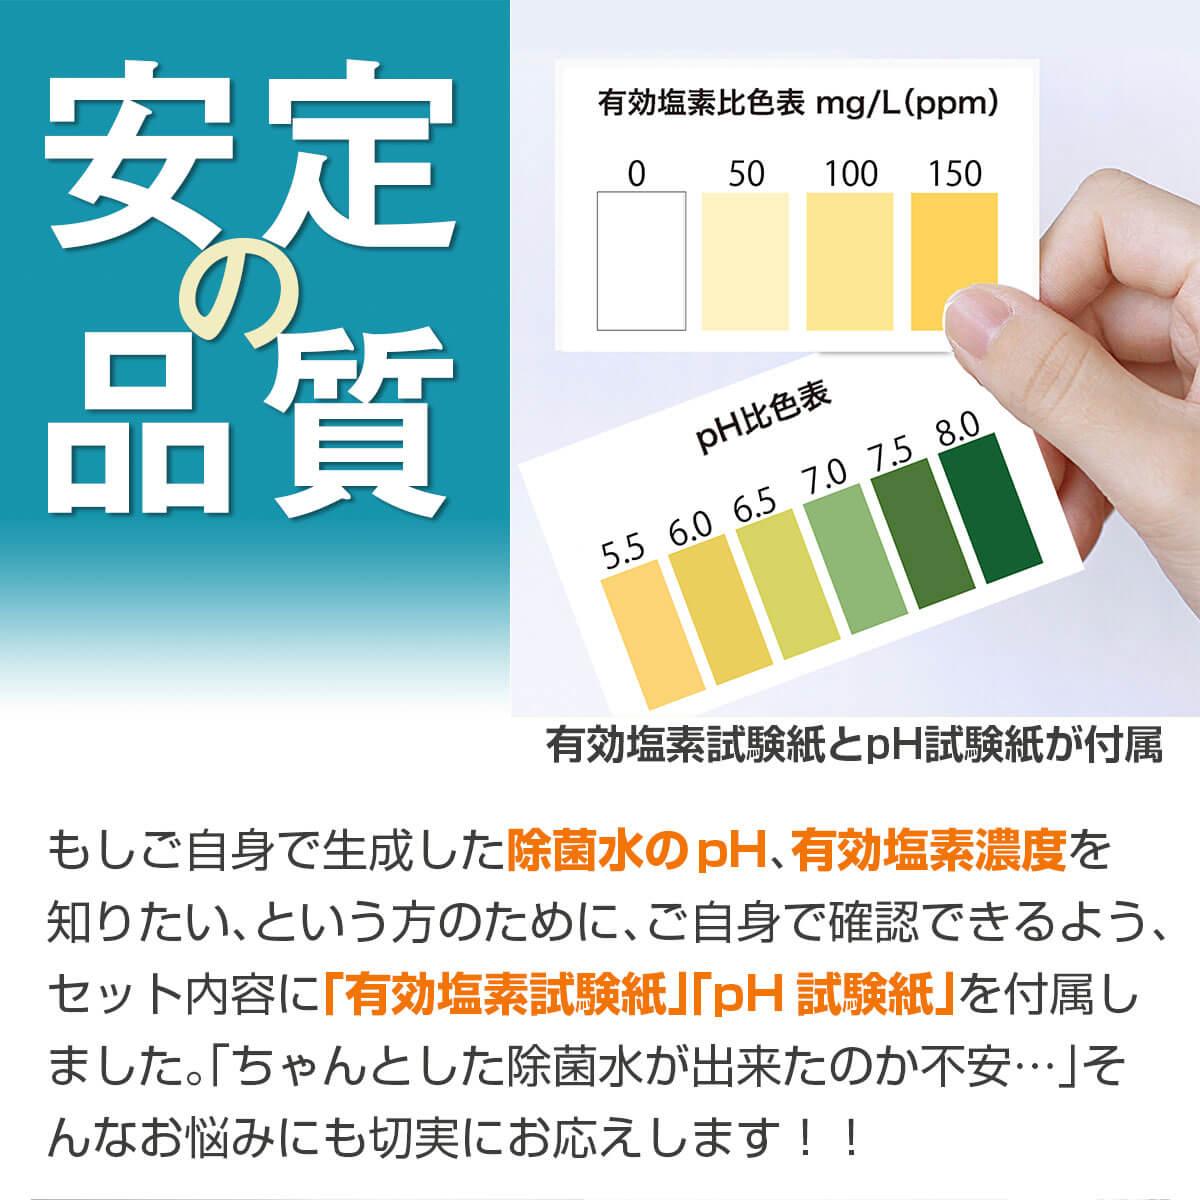 除菌水ができたかを確認する試験紙同梱